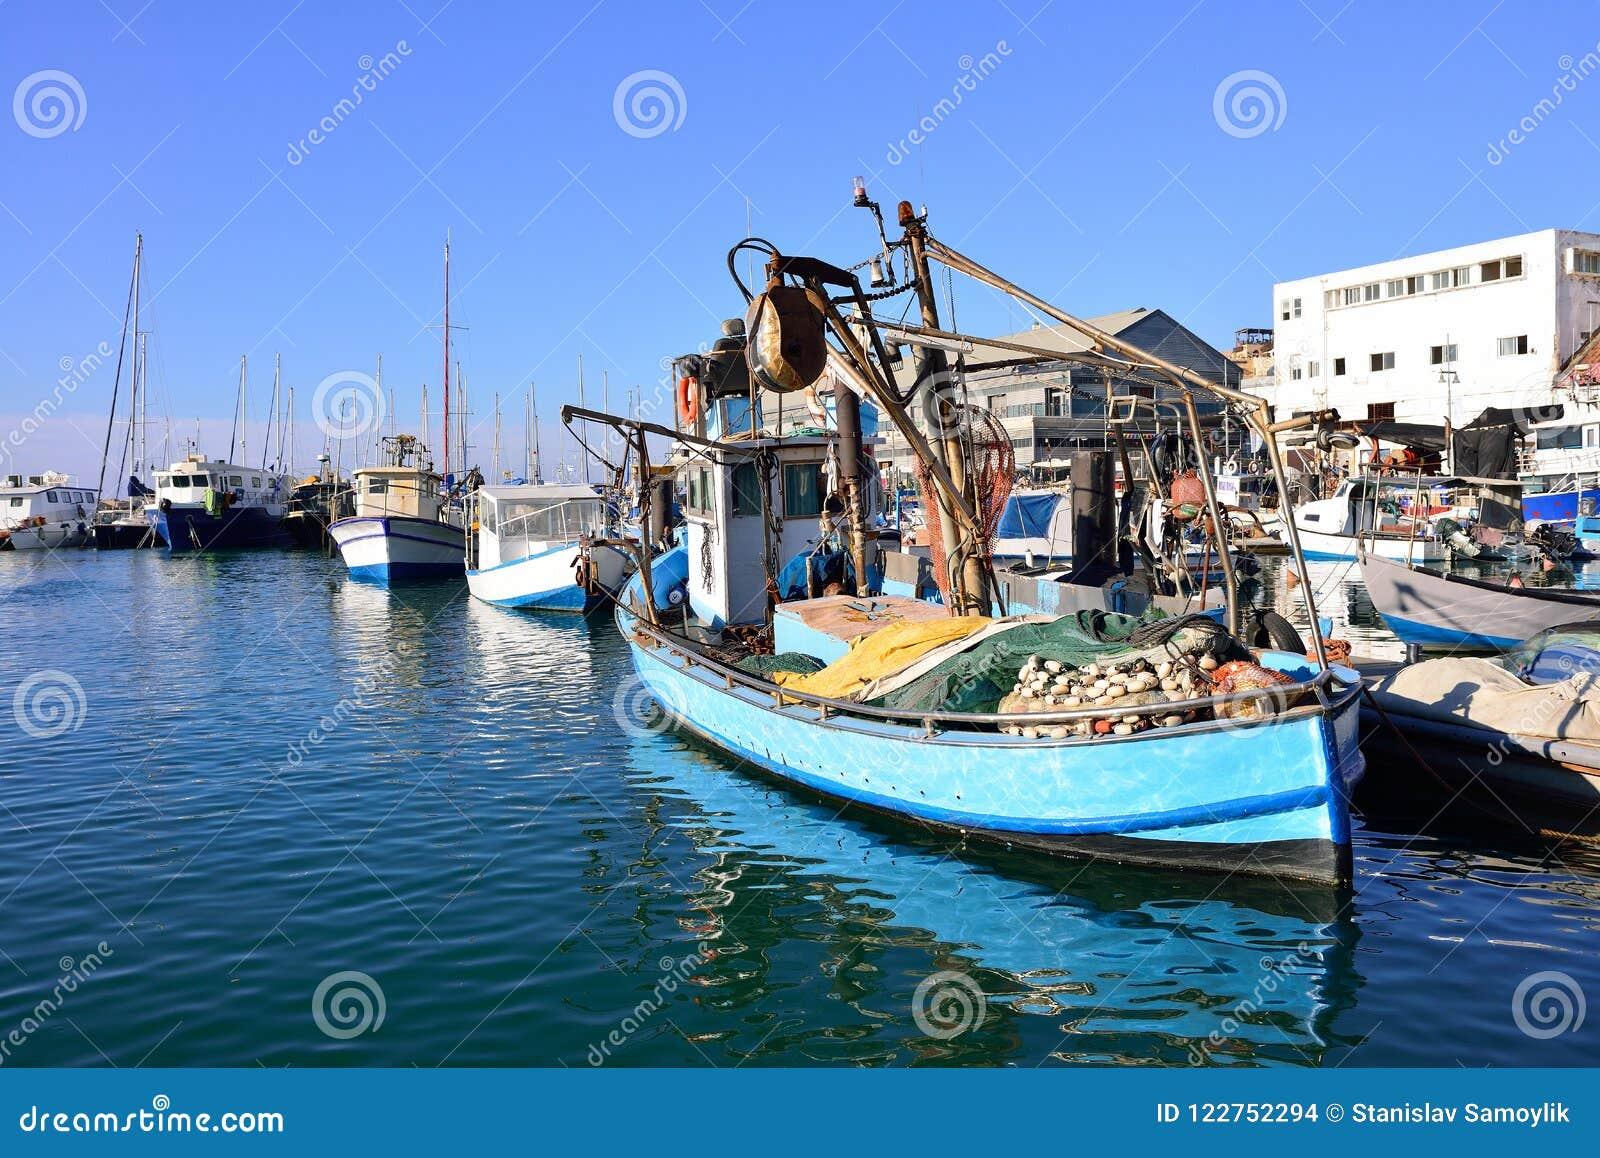 Barco colorido velho do pescador amarrado a um cais no porto de jaffa velho